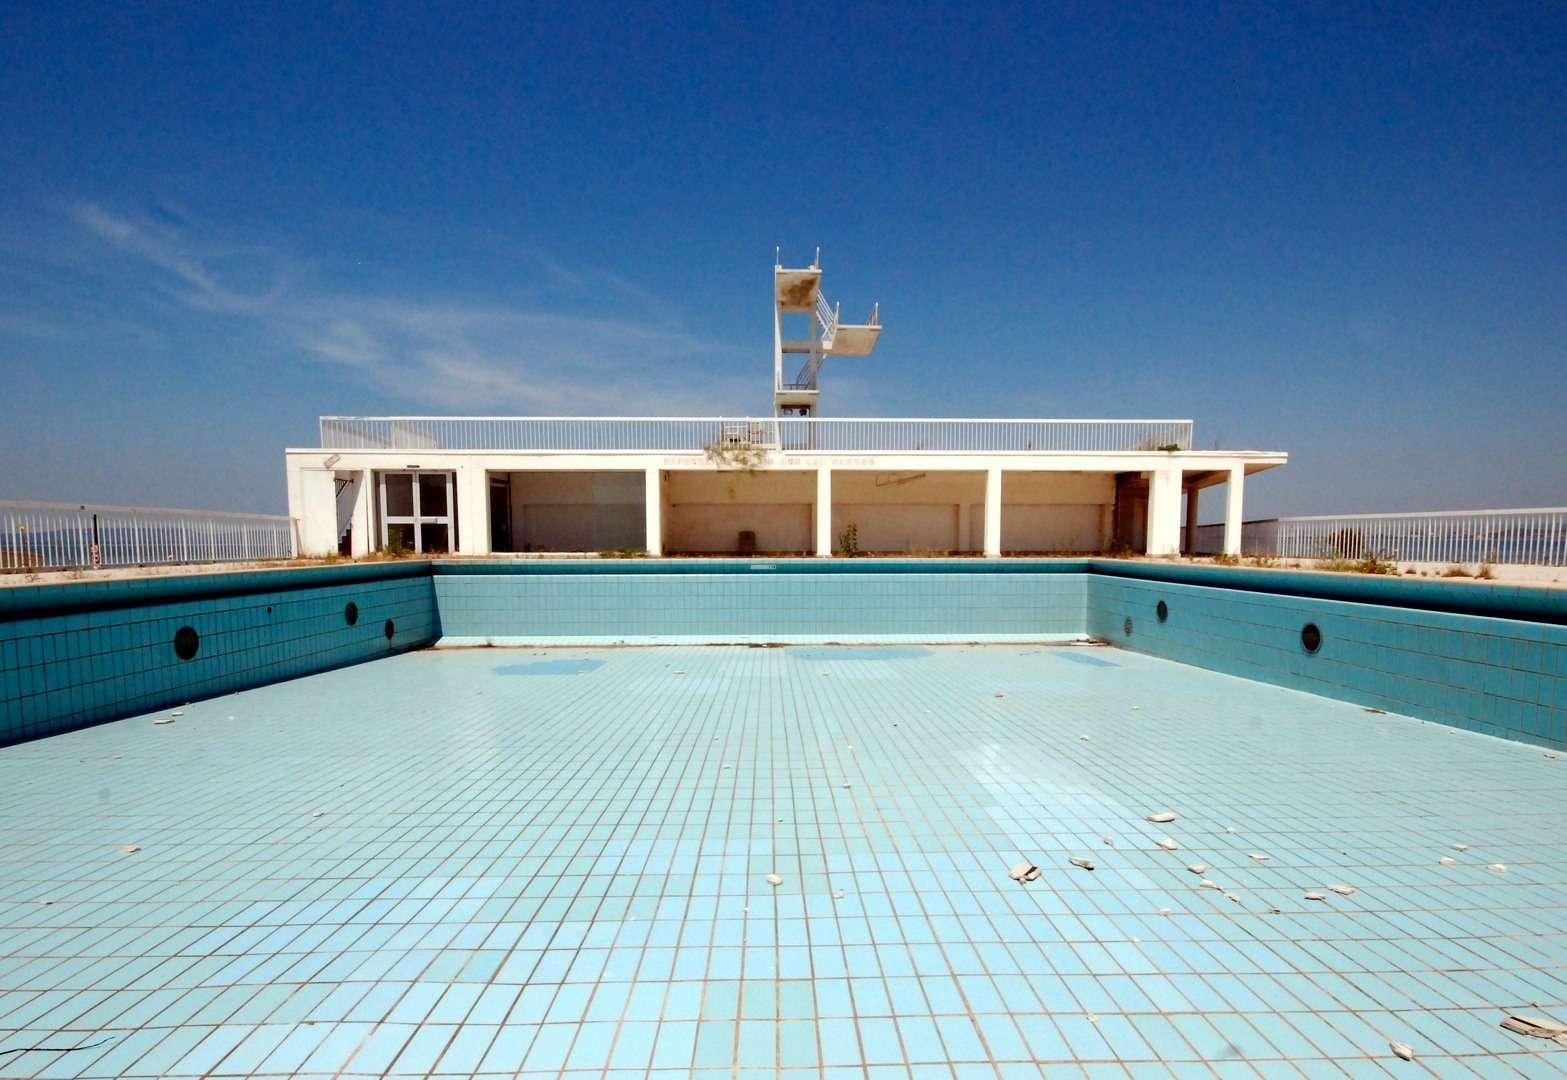 Pour carreler une piscine, il faut utiliser du mortier hydrofuge pour les joints, qui assurent une meilleure étanchéité. © Kalanchoé, Flickr, CC BY-NC-SA 2.0